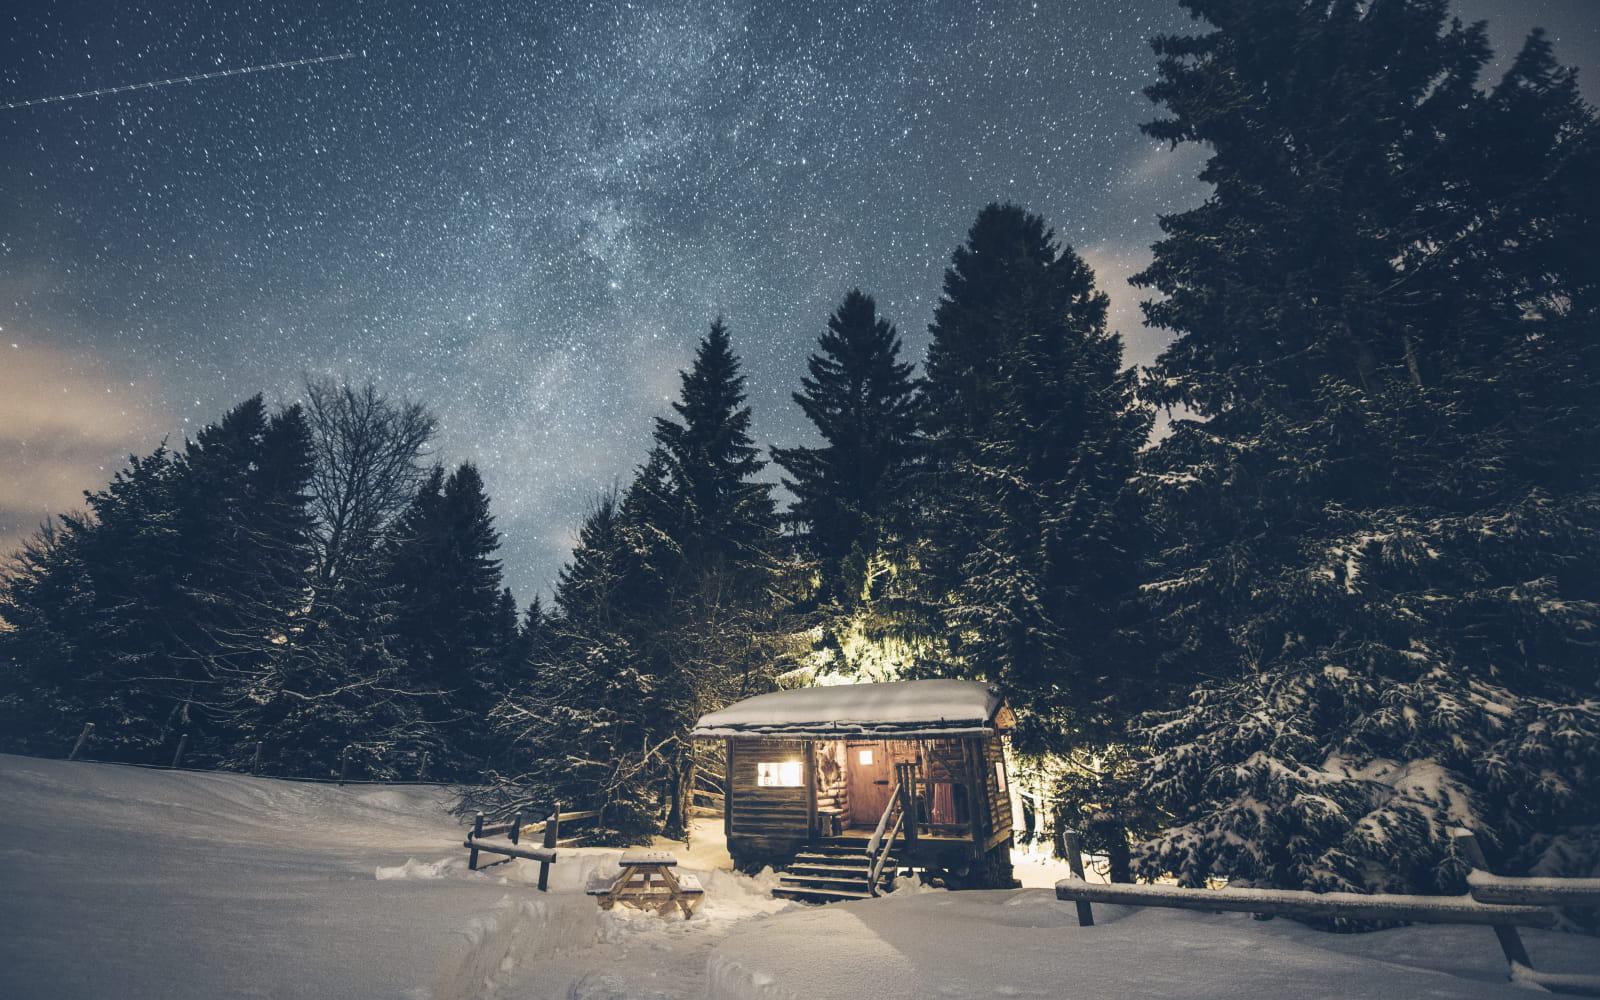 La cabane trappeur logée à la lisière de la forêt aux Loges du Coinchet à La Pesse